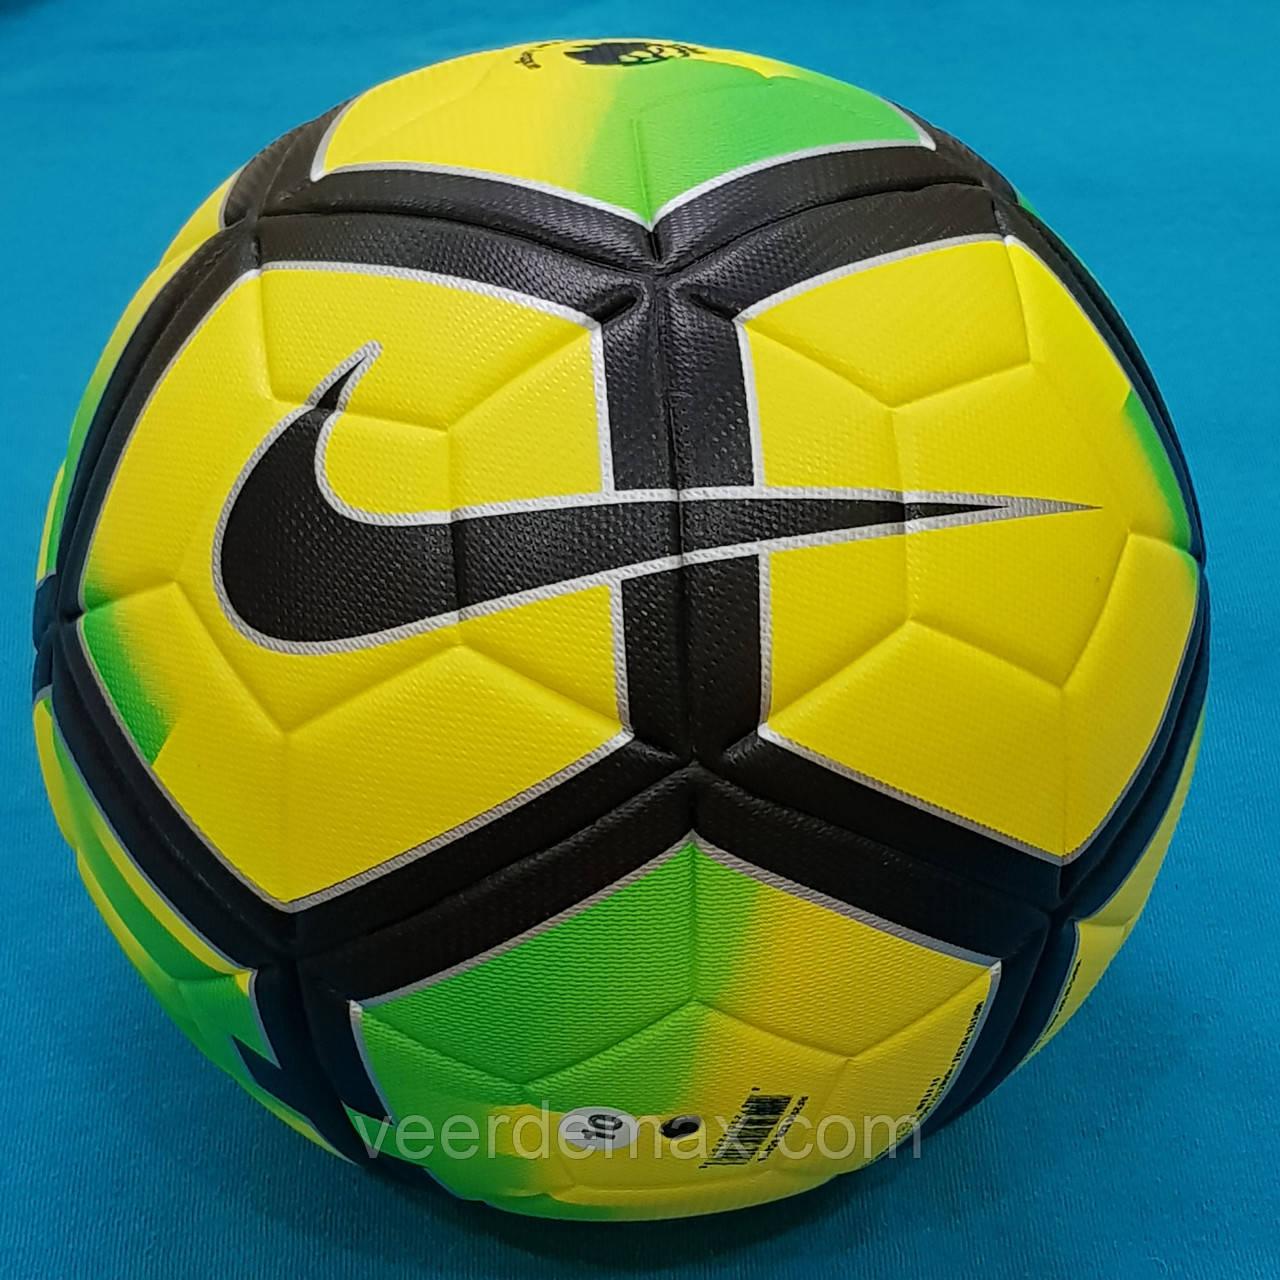 Мяч футбольный Nike Pitch Premier League (желто-зеленый)